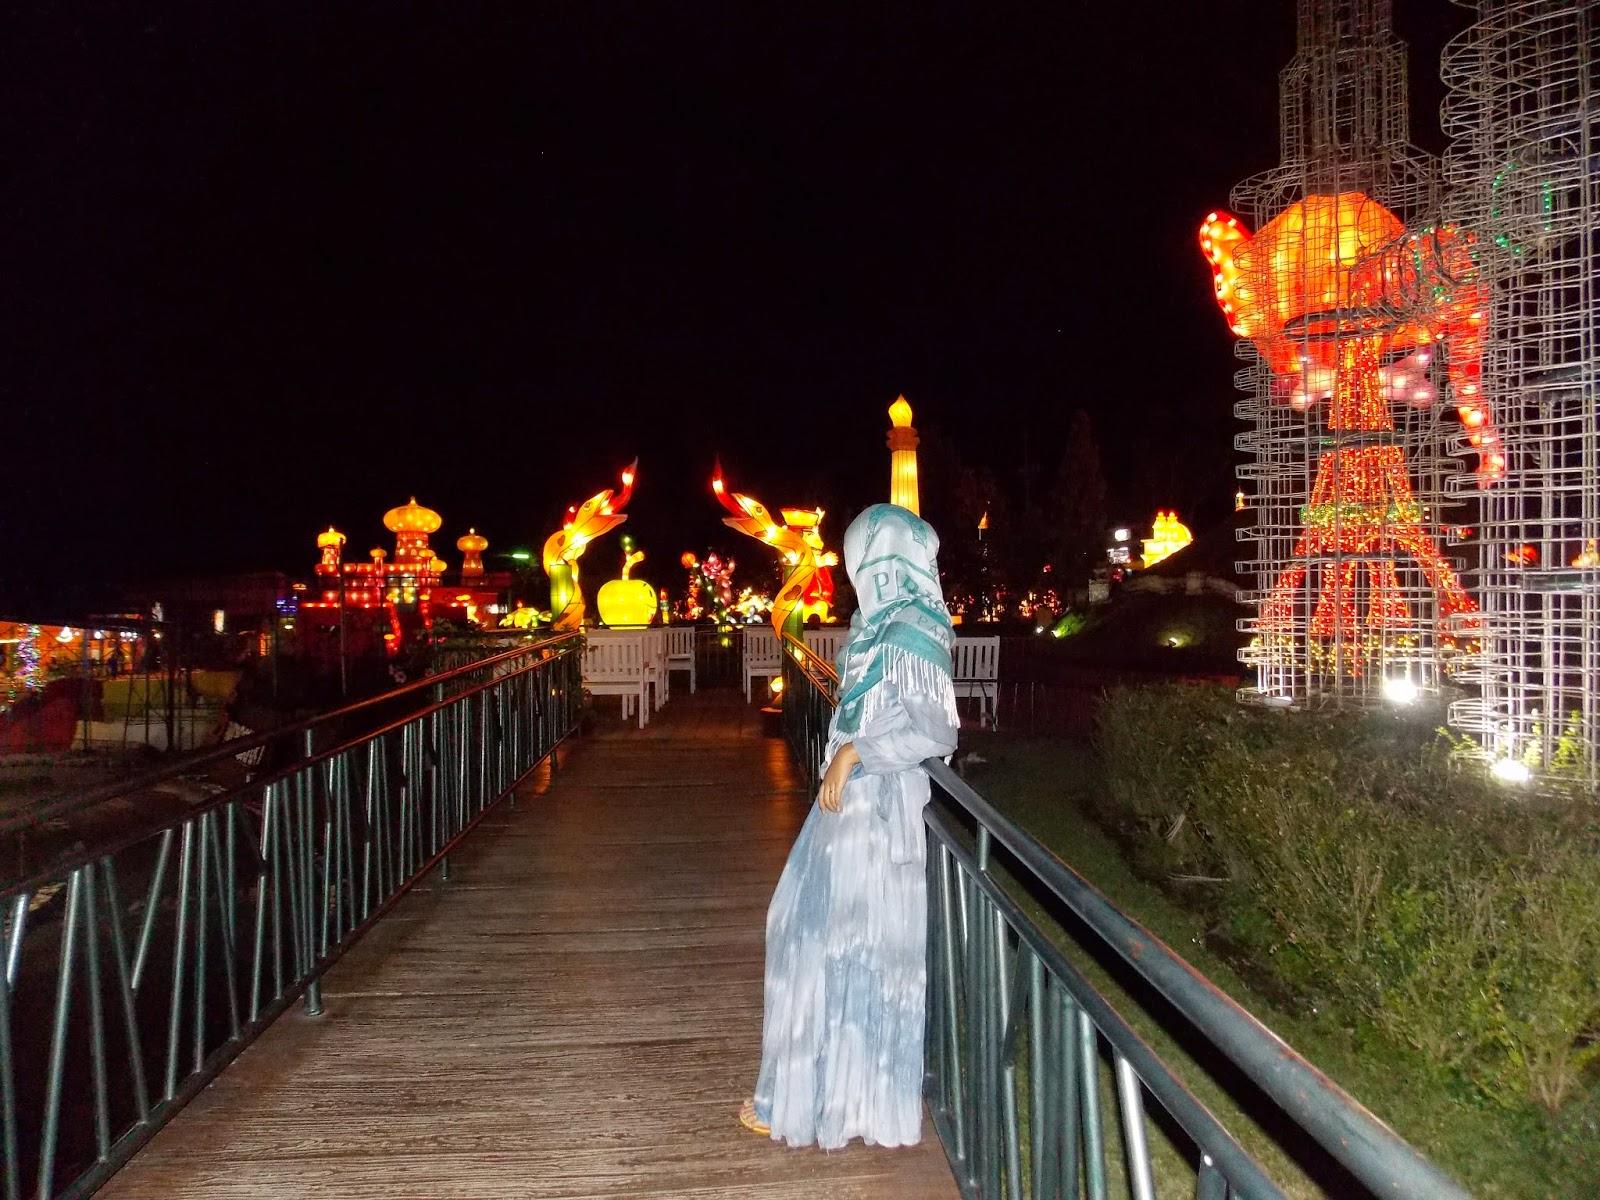 Wisata Indonesia Bns Batu Night Spectacular Sebuah Tempat Rekreasi Kota